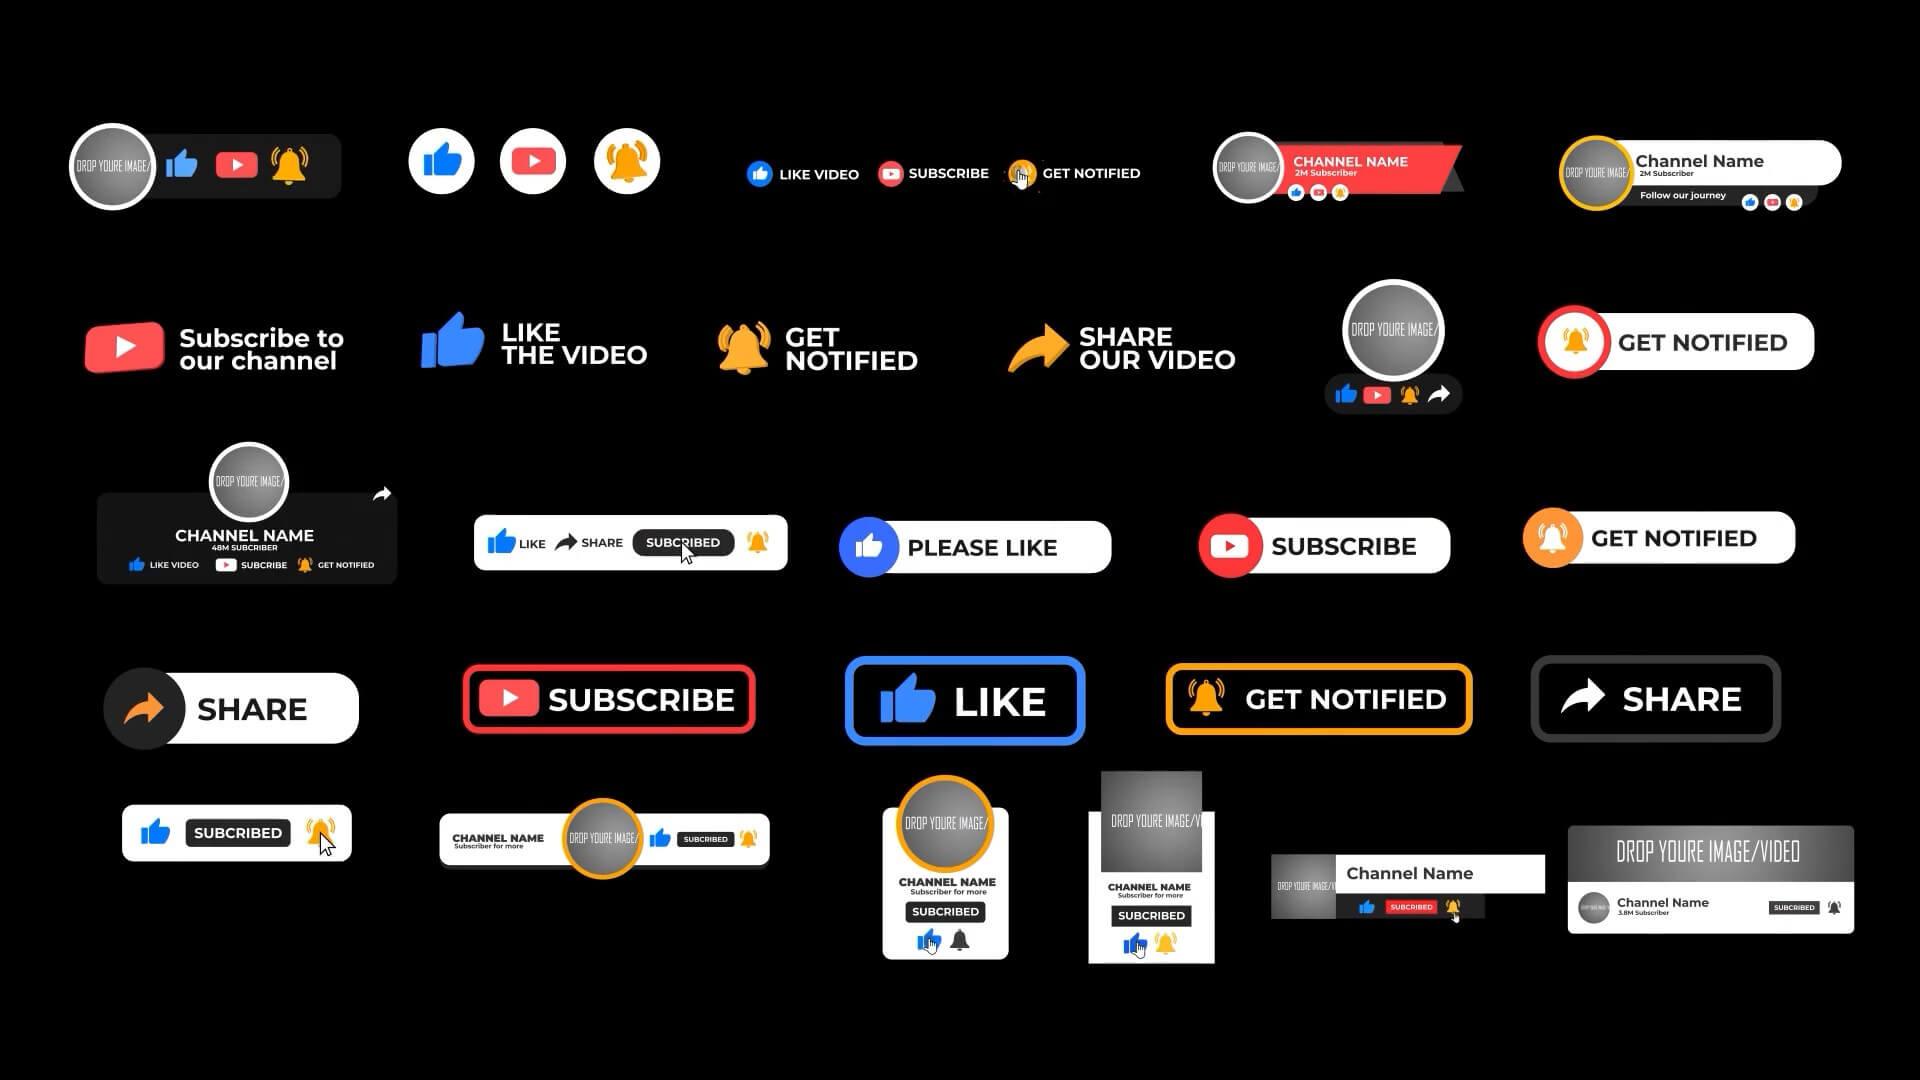 fcpx插件 视频博主常用推广素材包 点赞订阅分享喜欢铃铛头像动画